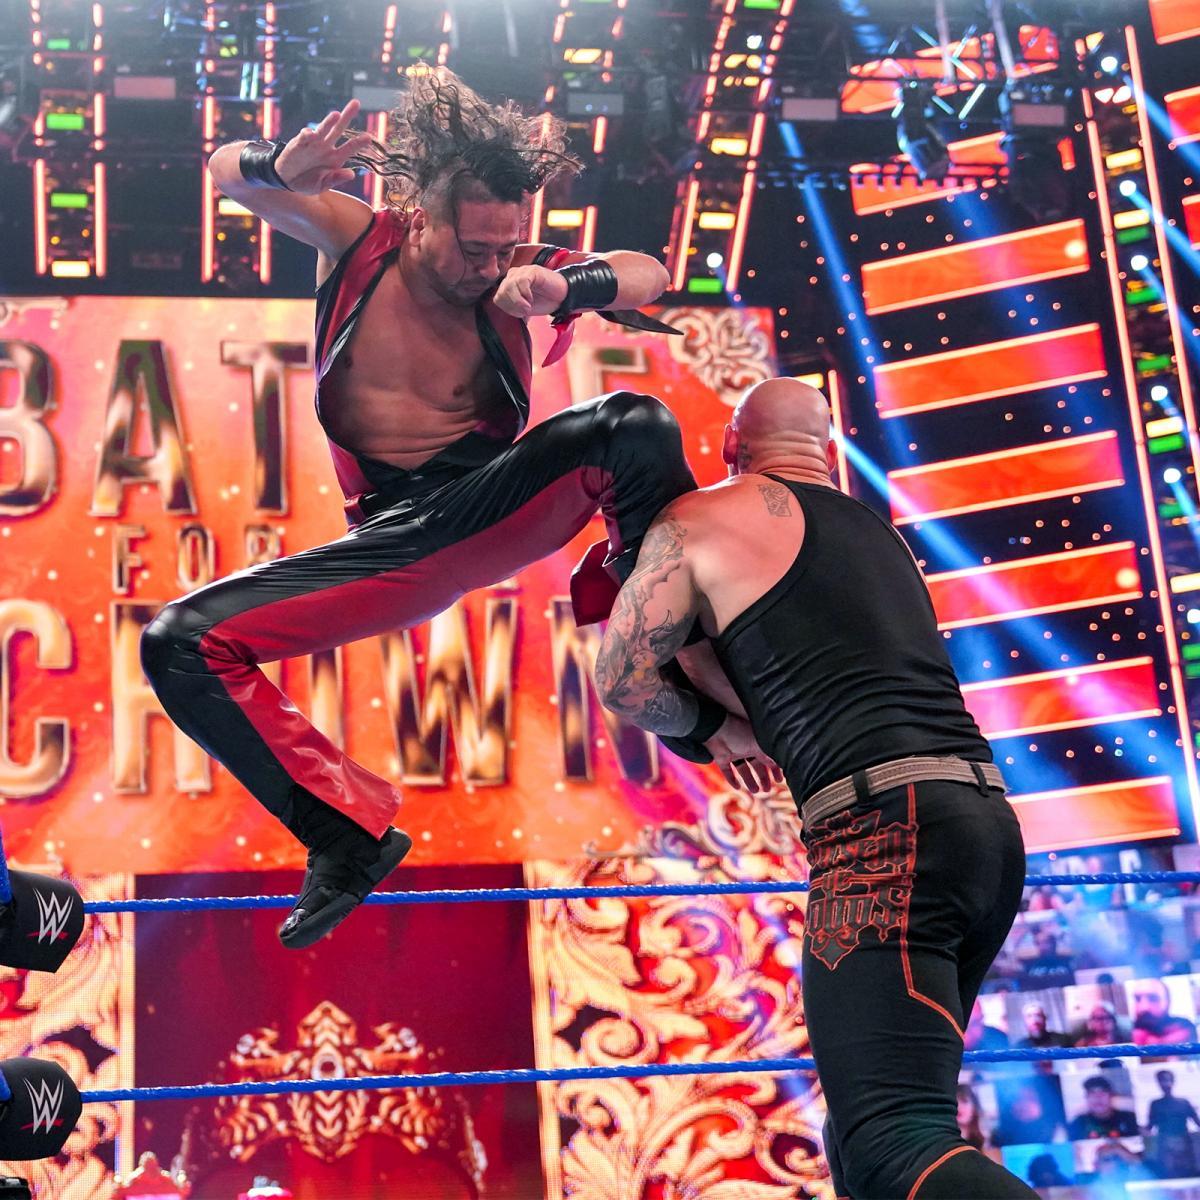 コービン(右)にダイビング・ニーを放った中邑(C)2021 WWE, Inc. All Rights Reserved.